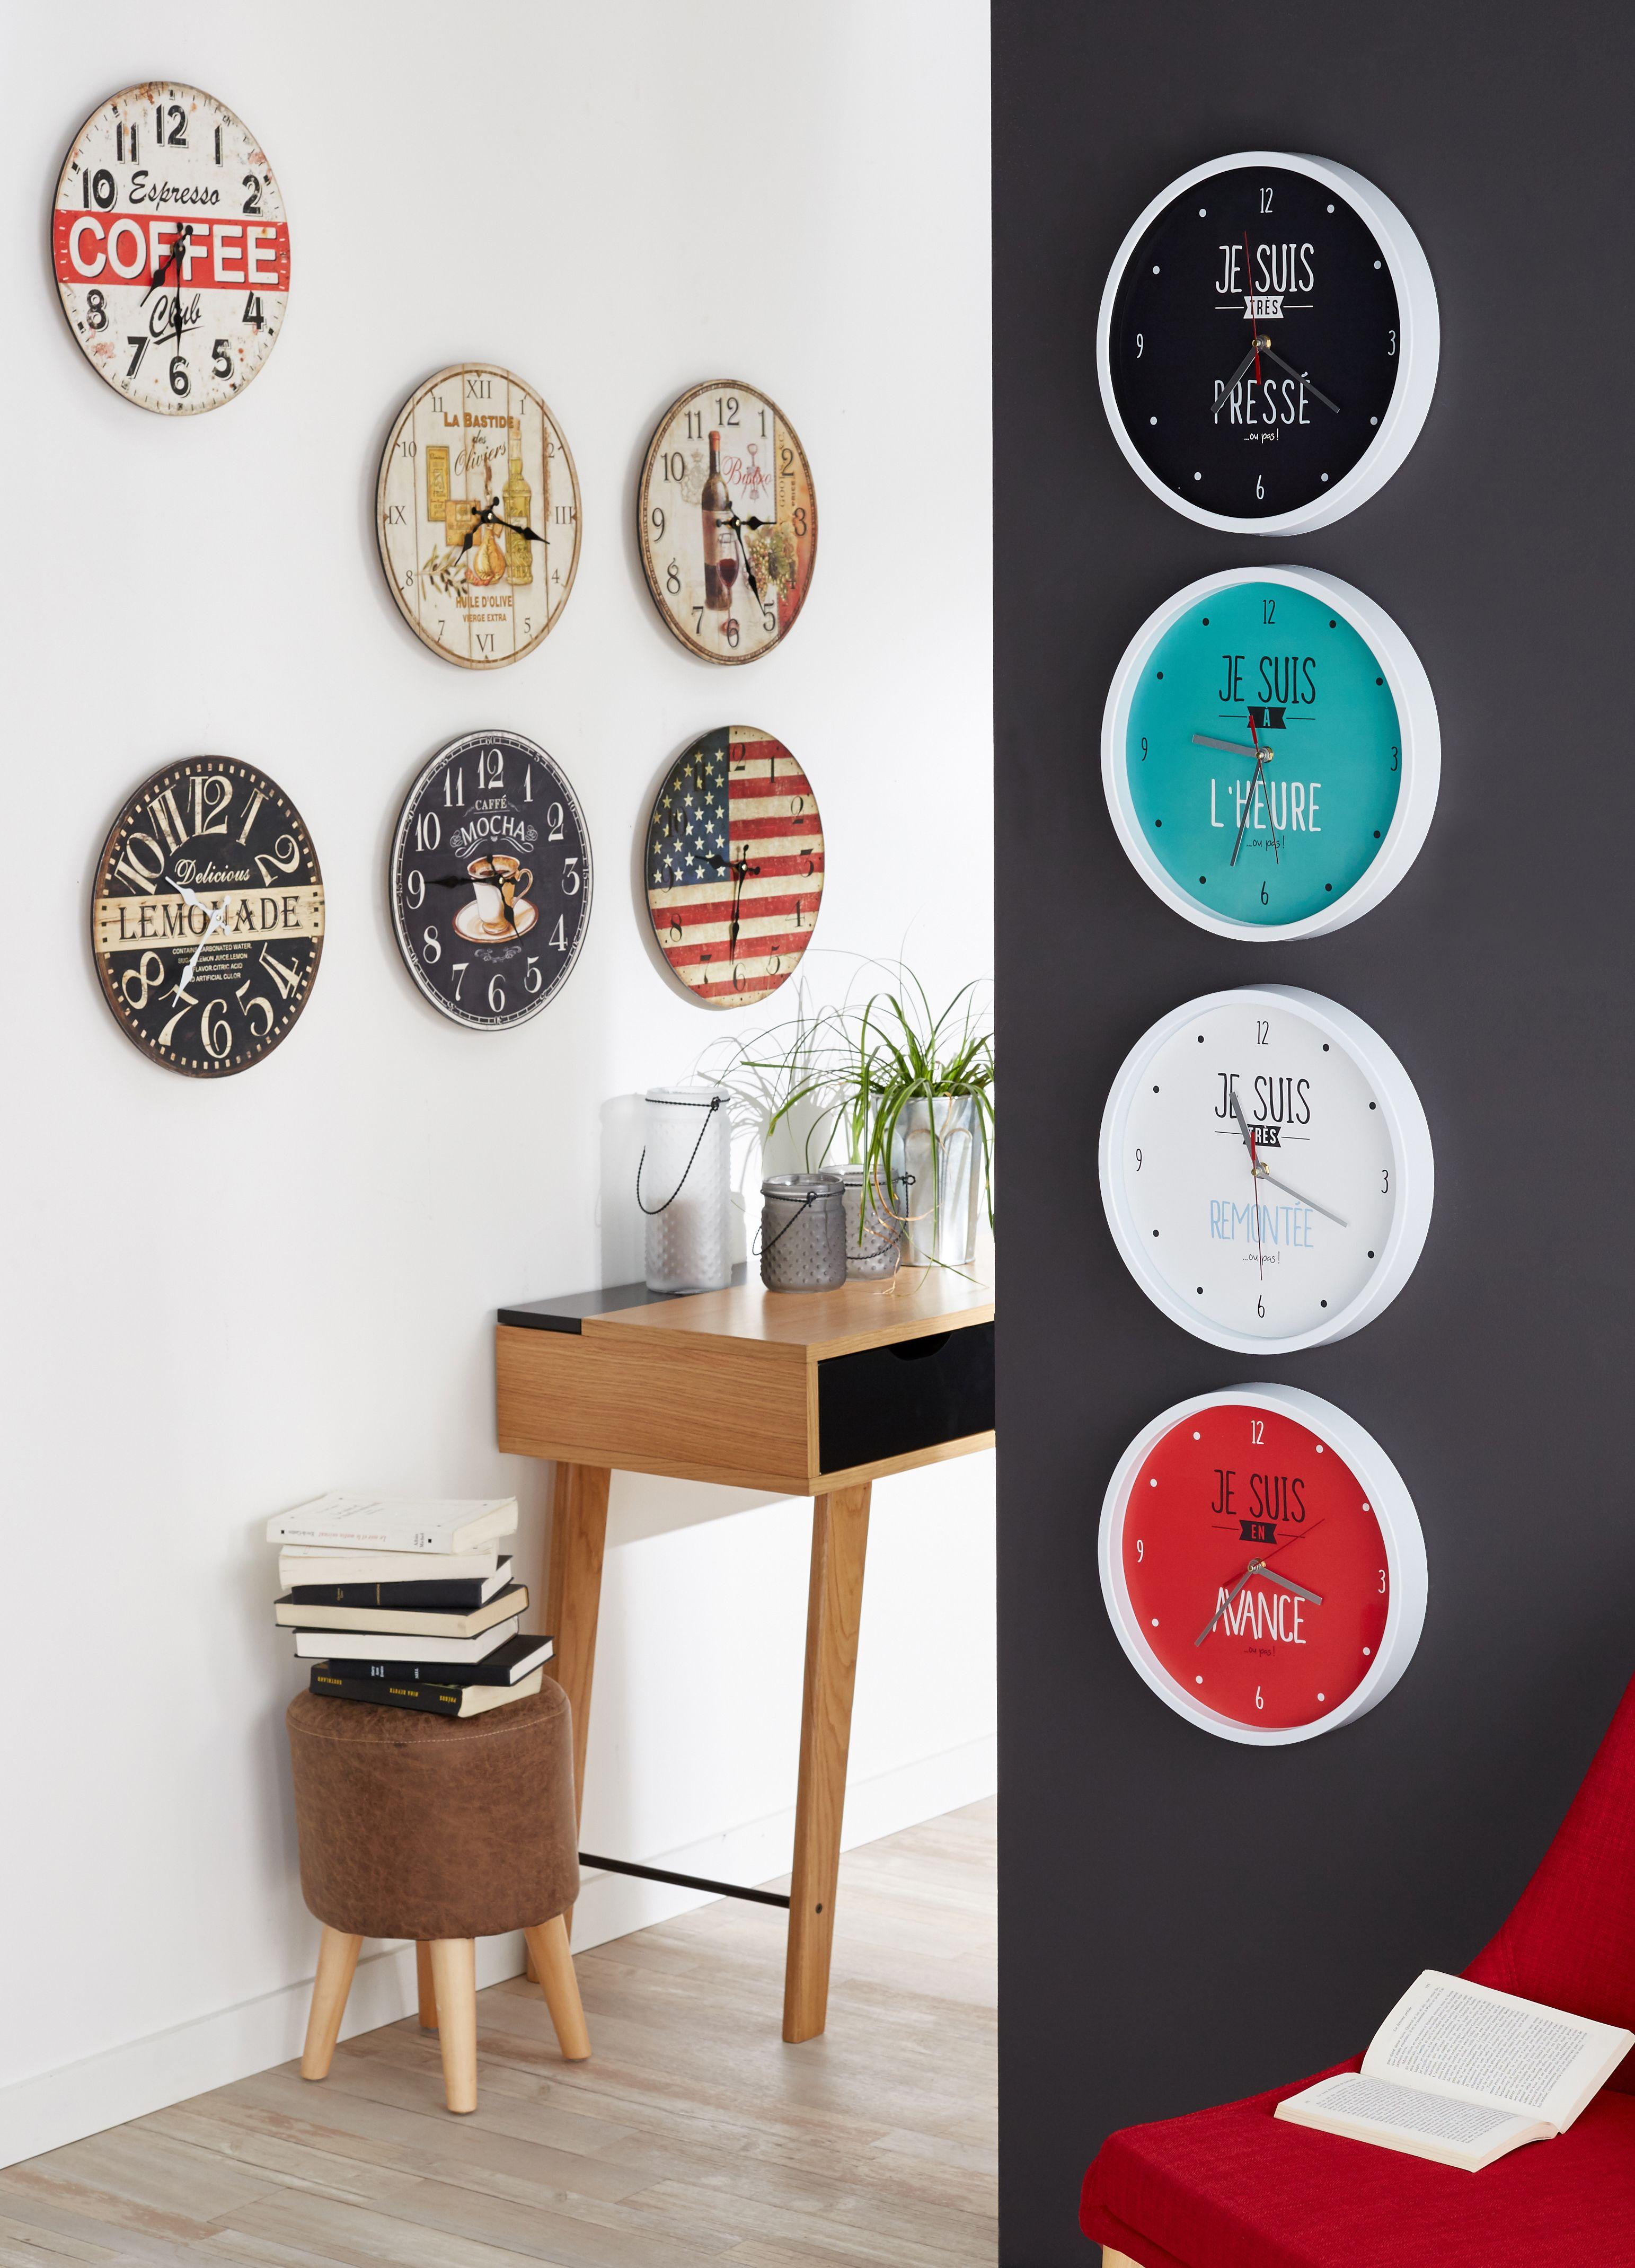 Décorations murales & horloges - Décoration - Déco - Maison